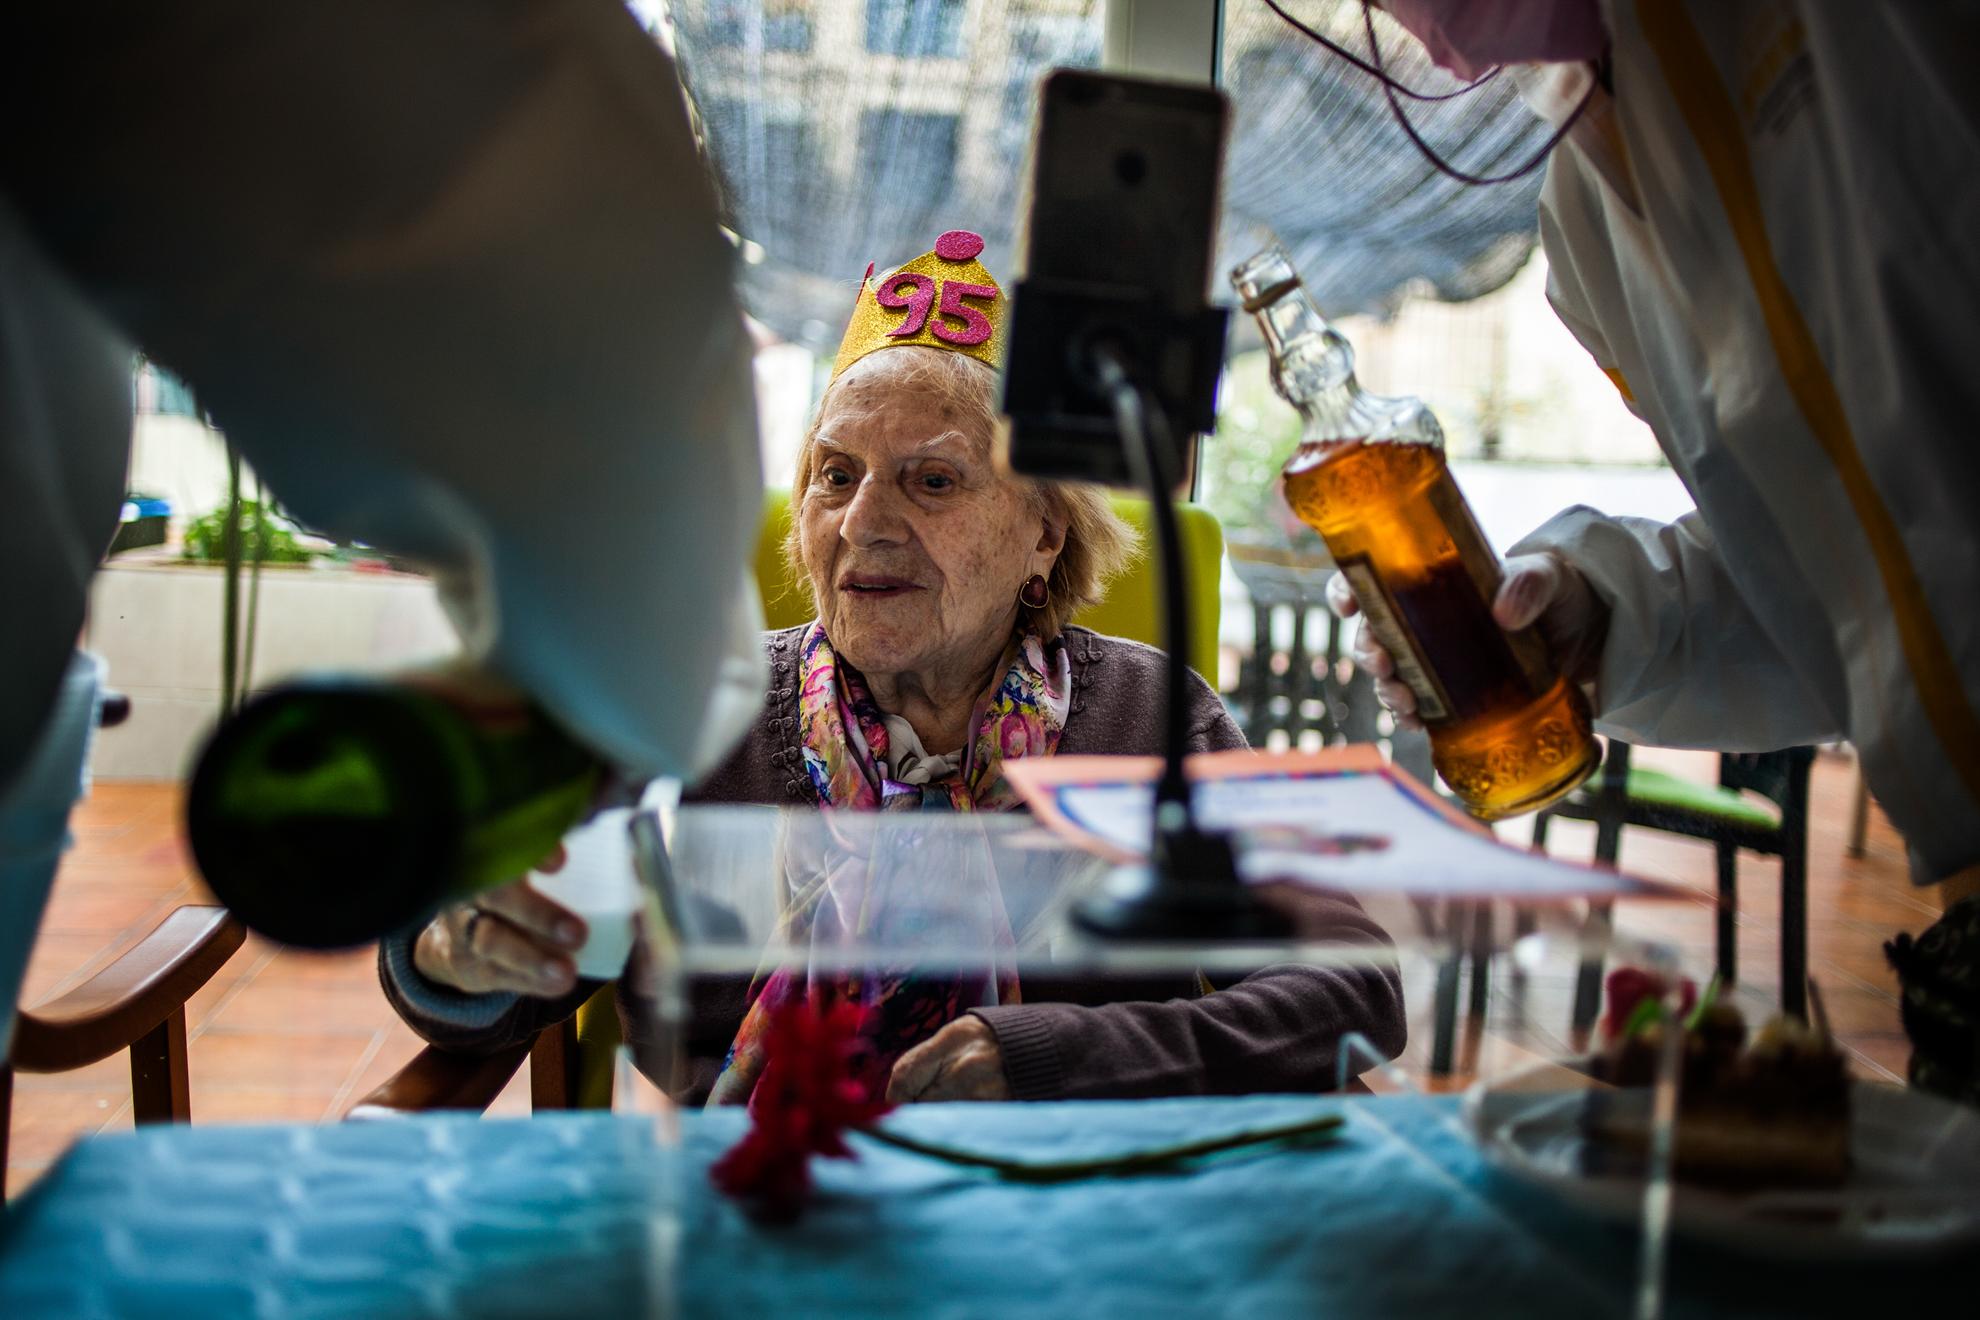 ¡Feliz cumpleaños Teresa! Hoy fue un día especial en la residencia Centro Geriàtric Gure-Etxea, la señora Teresa ha cumplido 95 primaveras; disfrutó todo el equipo de un rato de felicidad. En todo momento la luz invade a las sombras.